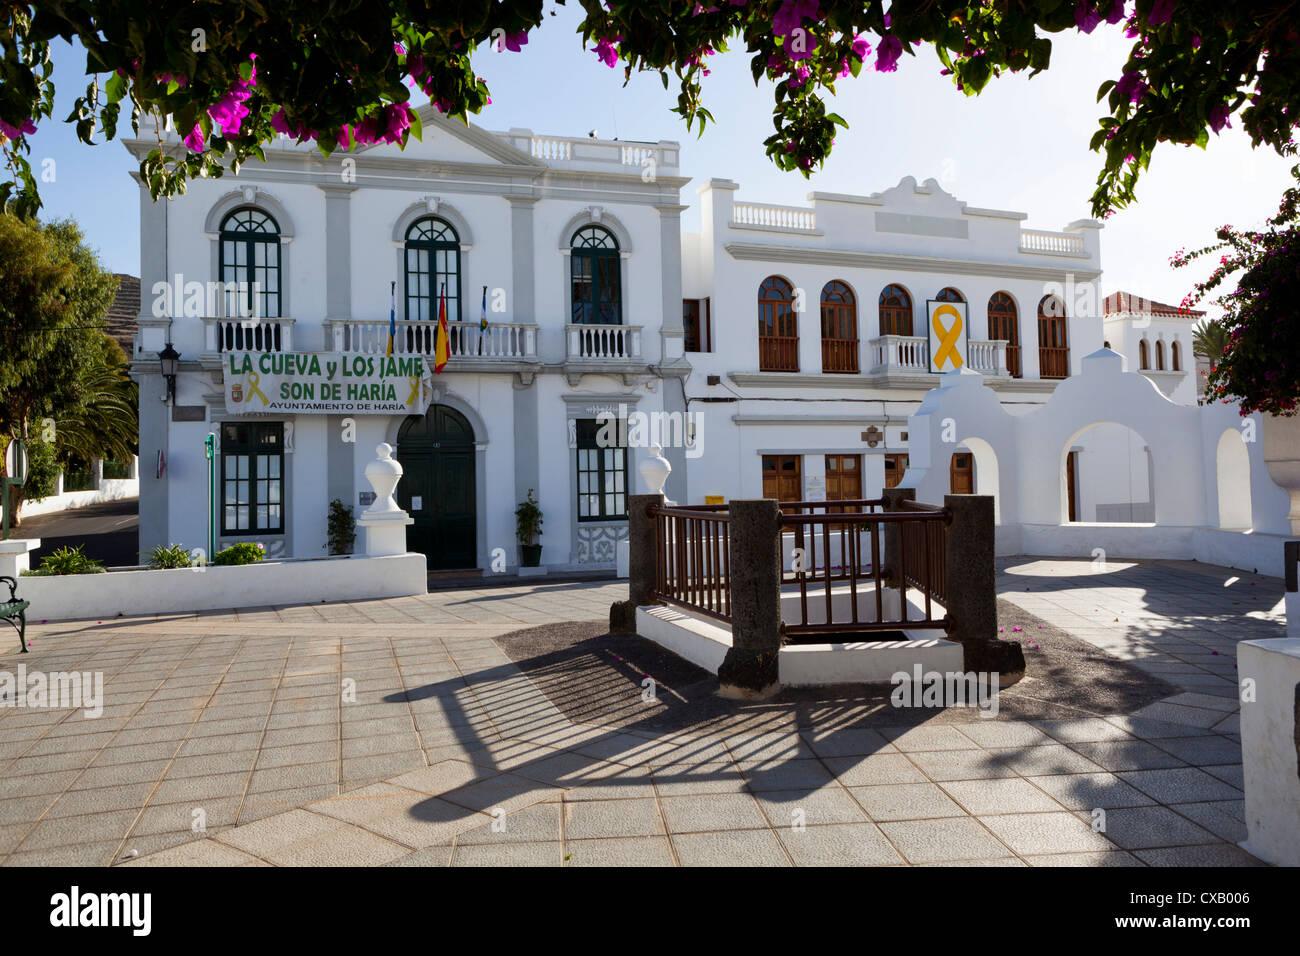 Plaza de la Constitucion and Ayuntamiento (town hall), Haria, Lanzarote, Canary Islands, Spain, Europe - Stock Image